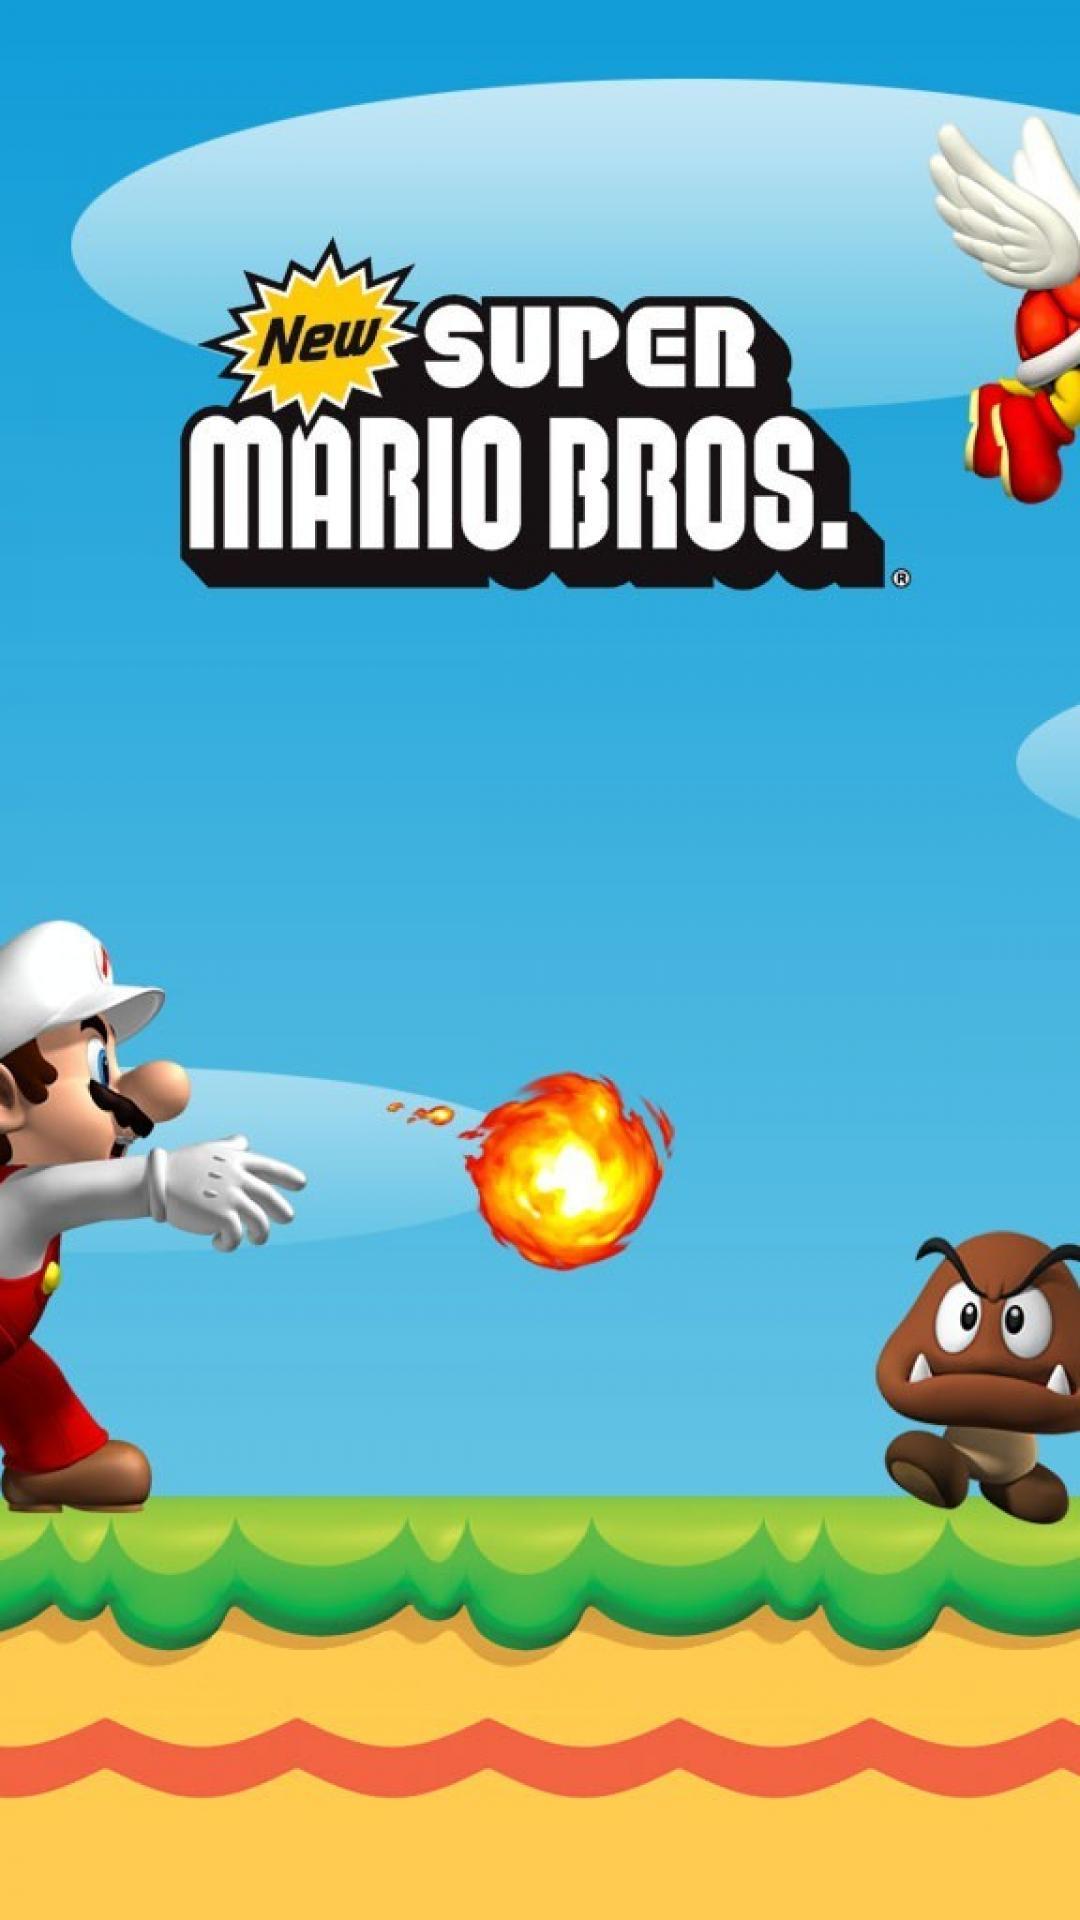 Nintendo mario super bros. goomba ds koopa troopa ...